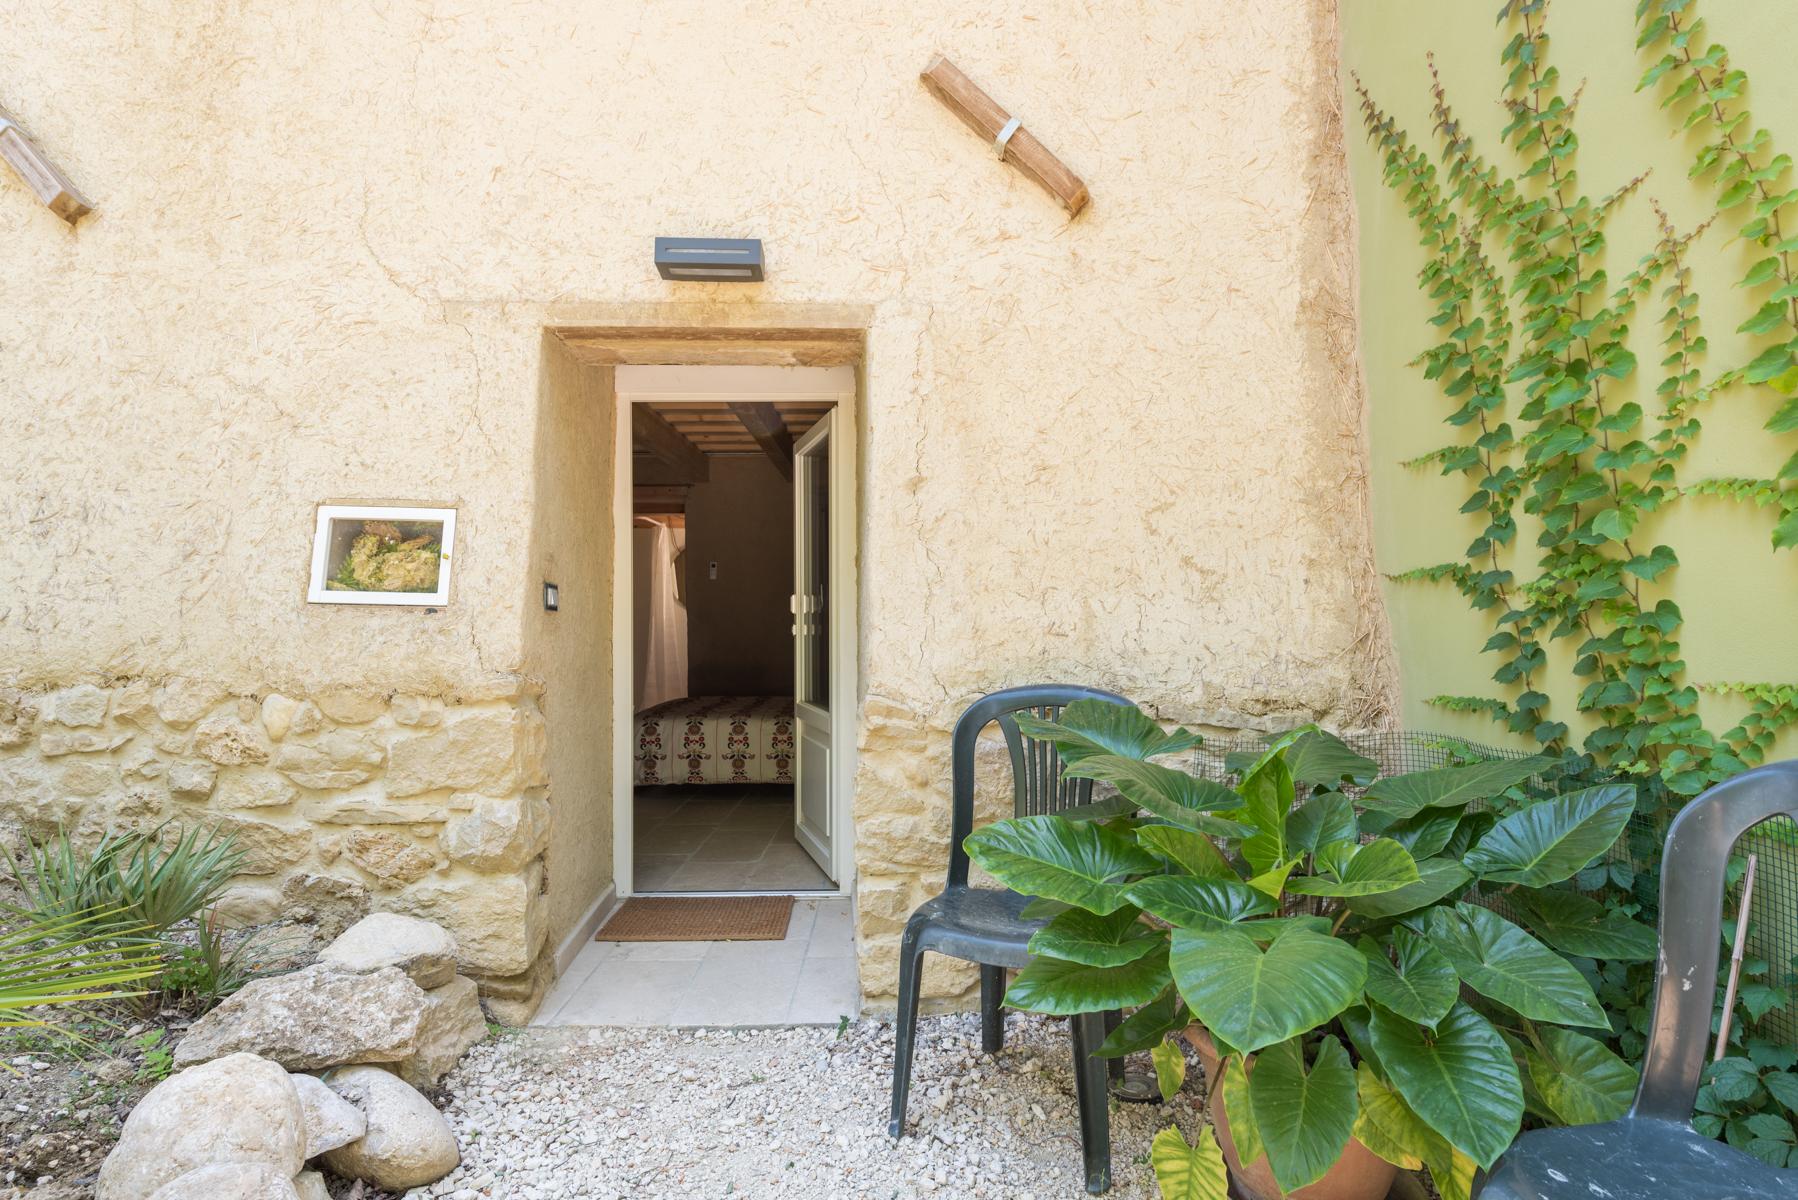 Villa Villa for sale Casalincontrada (CH), Casa Sentinella - Casalincontrada - EUR 321.299 610